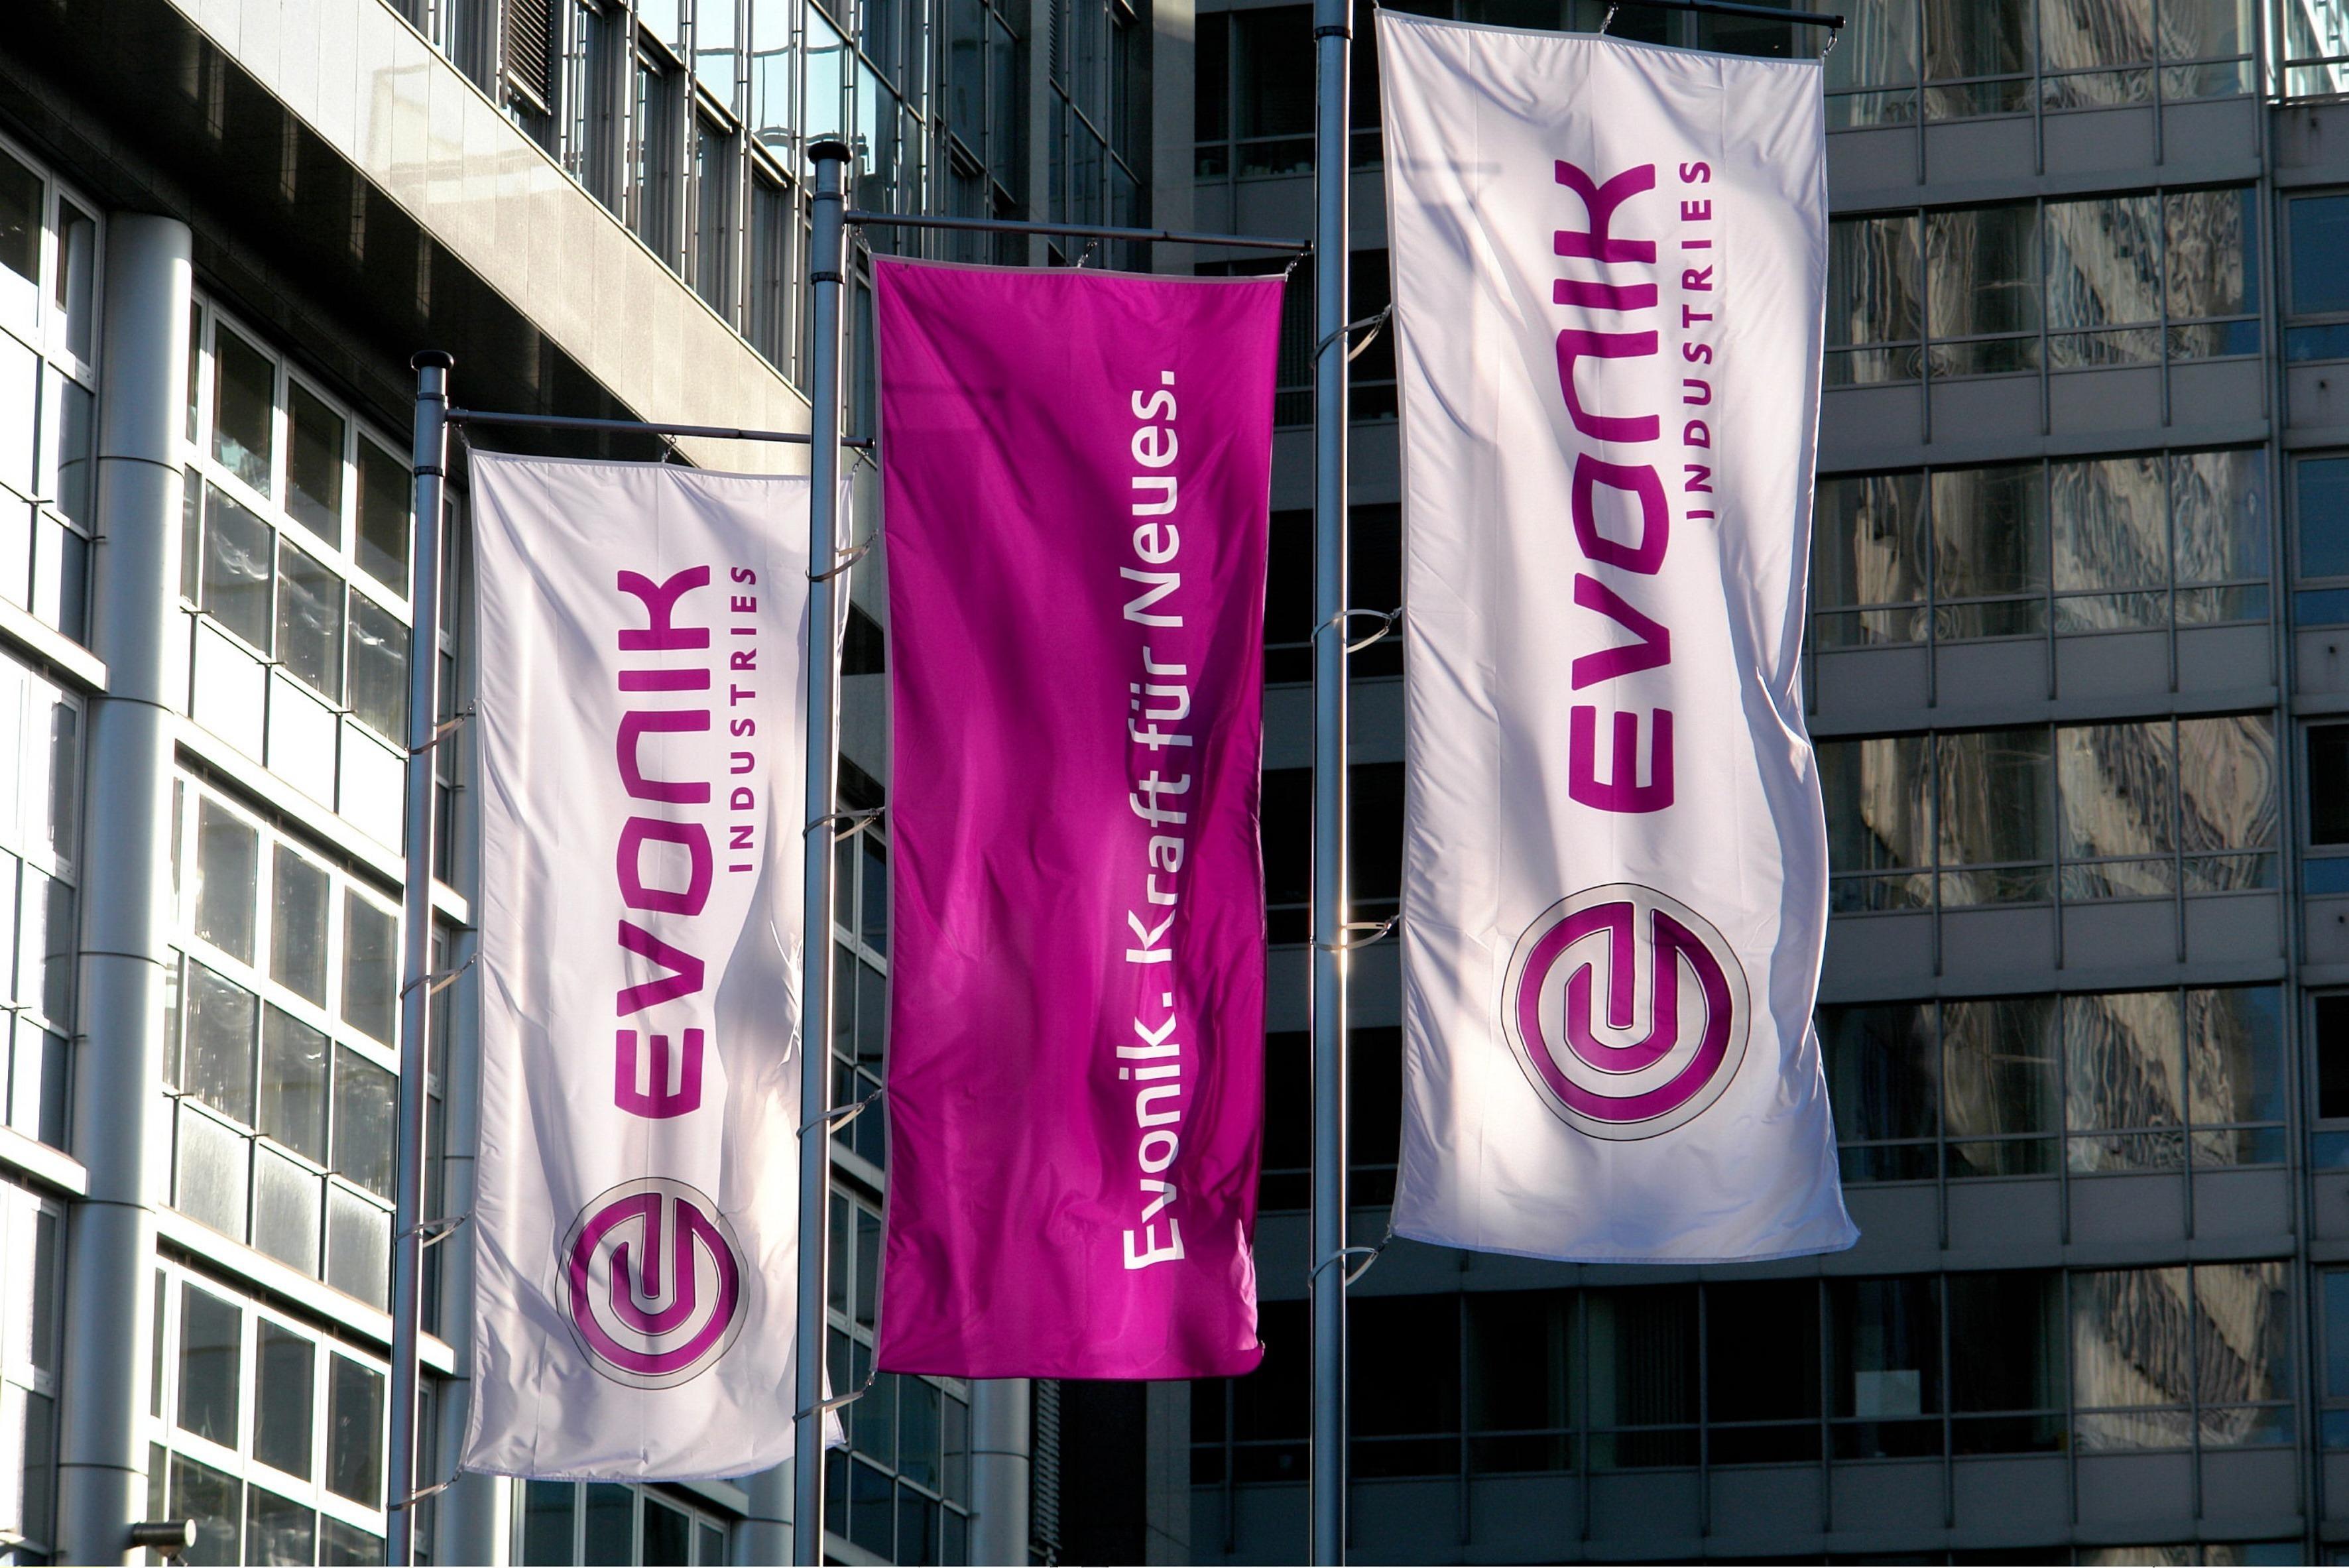 Germany - North Rhine-Westphalia - Essen: head office of the Evonik Industries AG